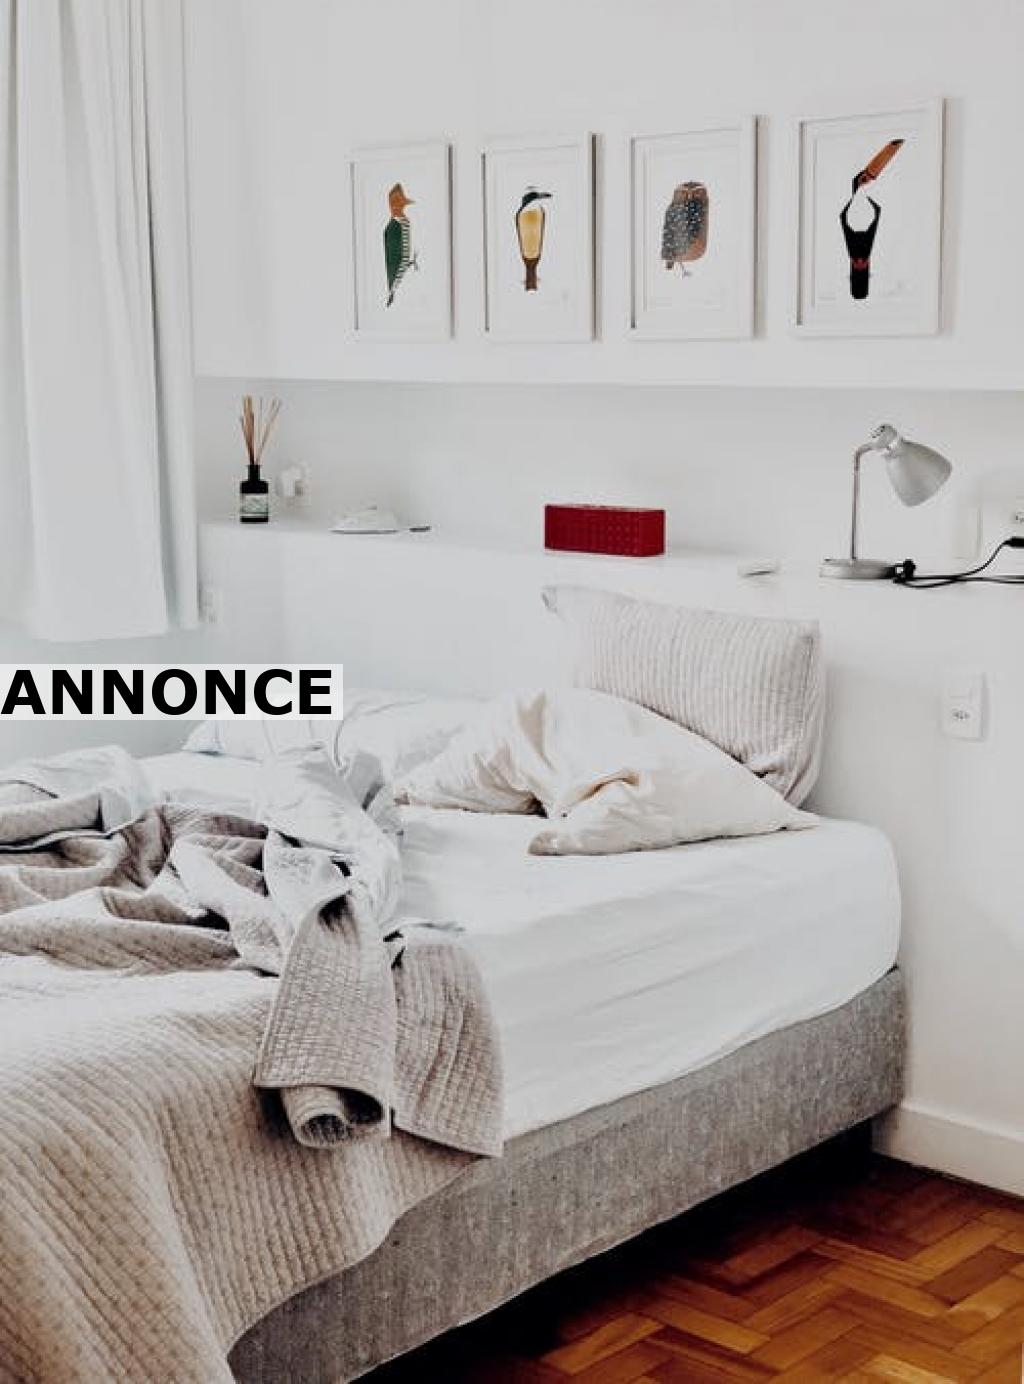 Find en ny seng for at optimere din nattesøvn